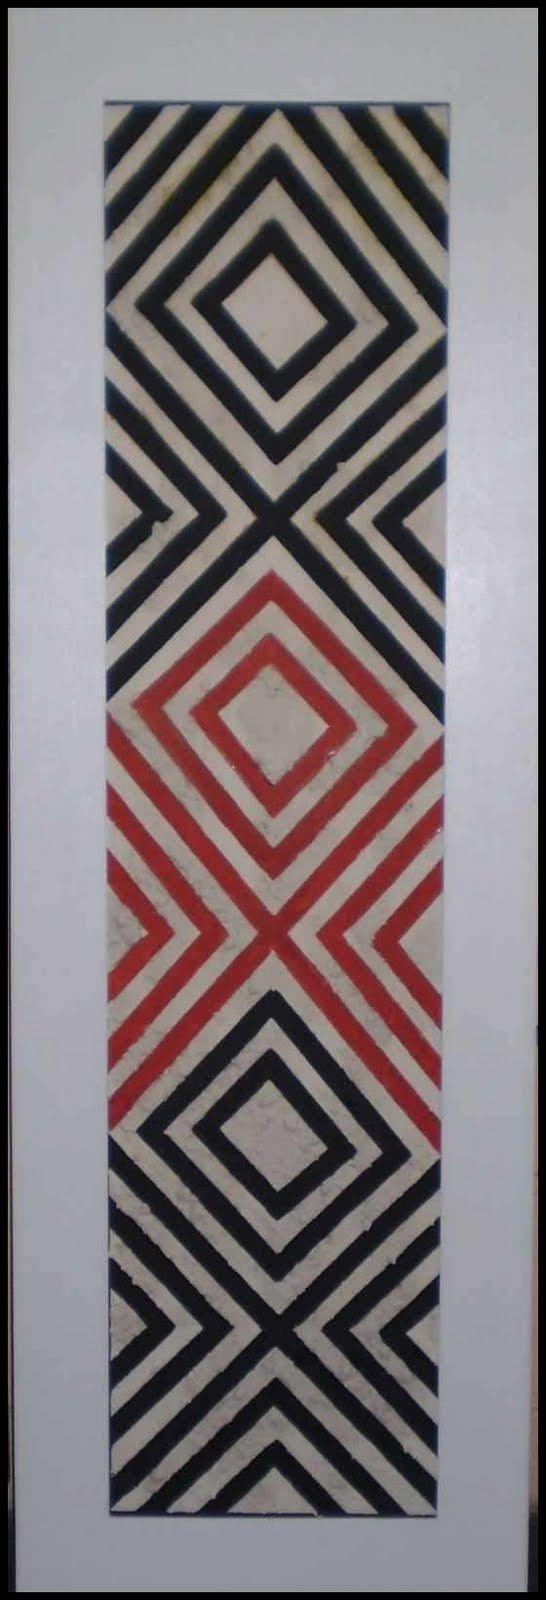 Fco Machado - 2007 - Obra Grafismo Indígena - Relevo com argila 145 x 50 cm